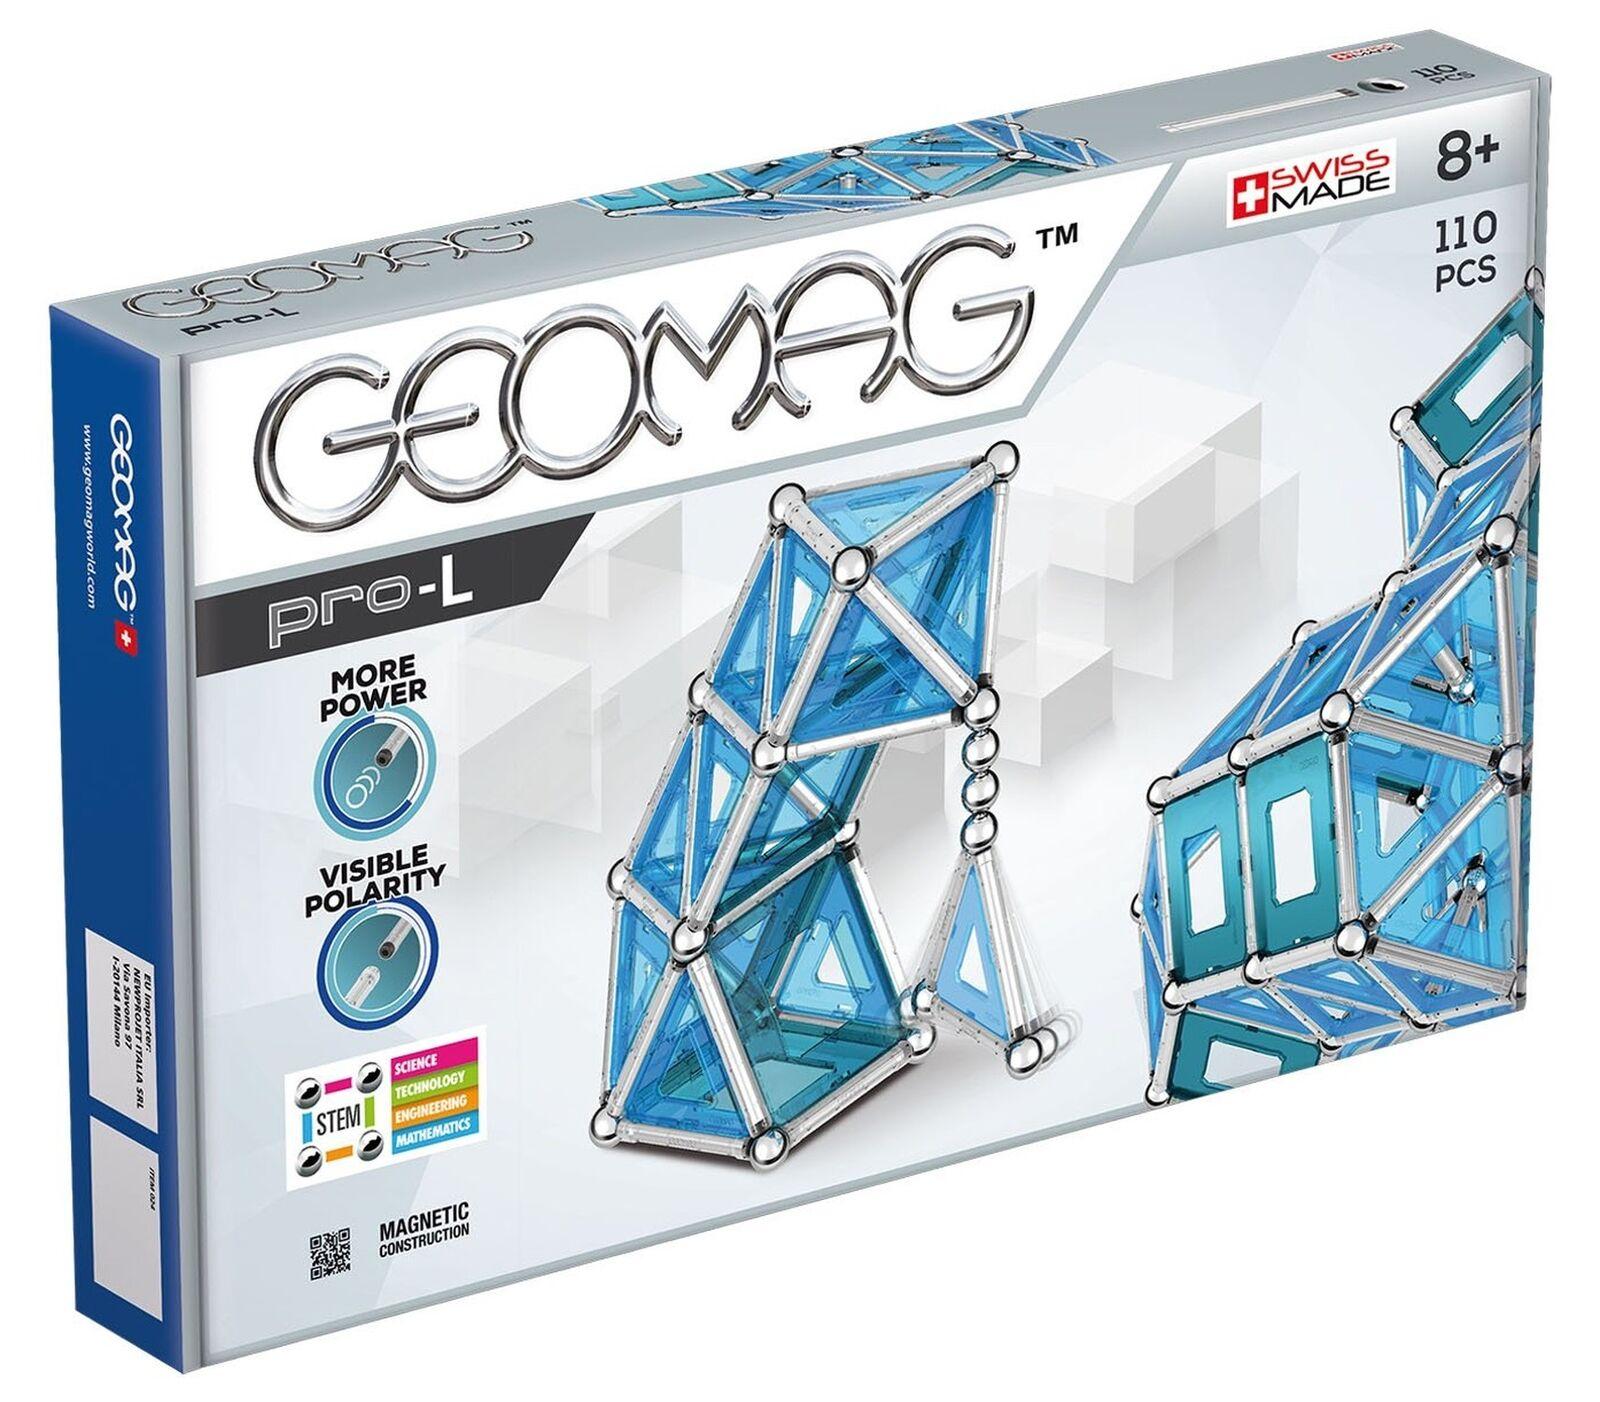 Geomag Pro-L Kit – 110 Piece Magnetic Construction Set 110 Piece Set